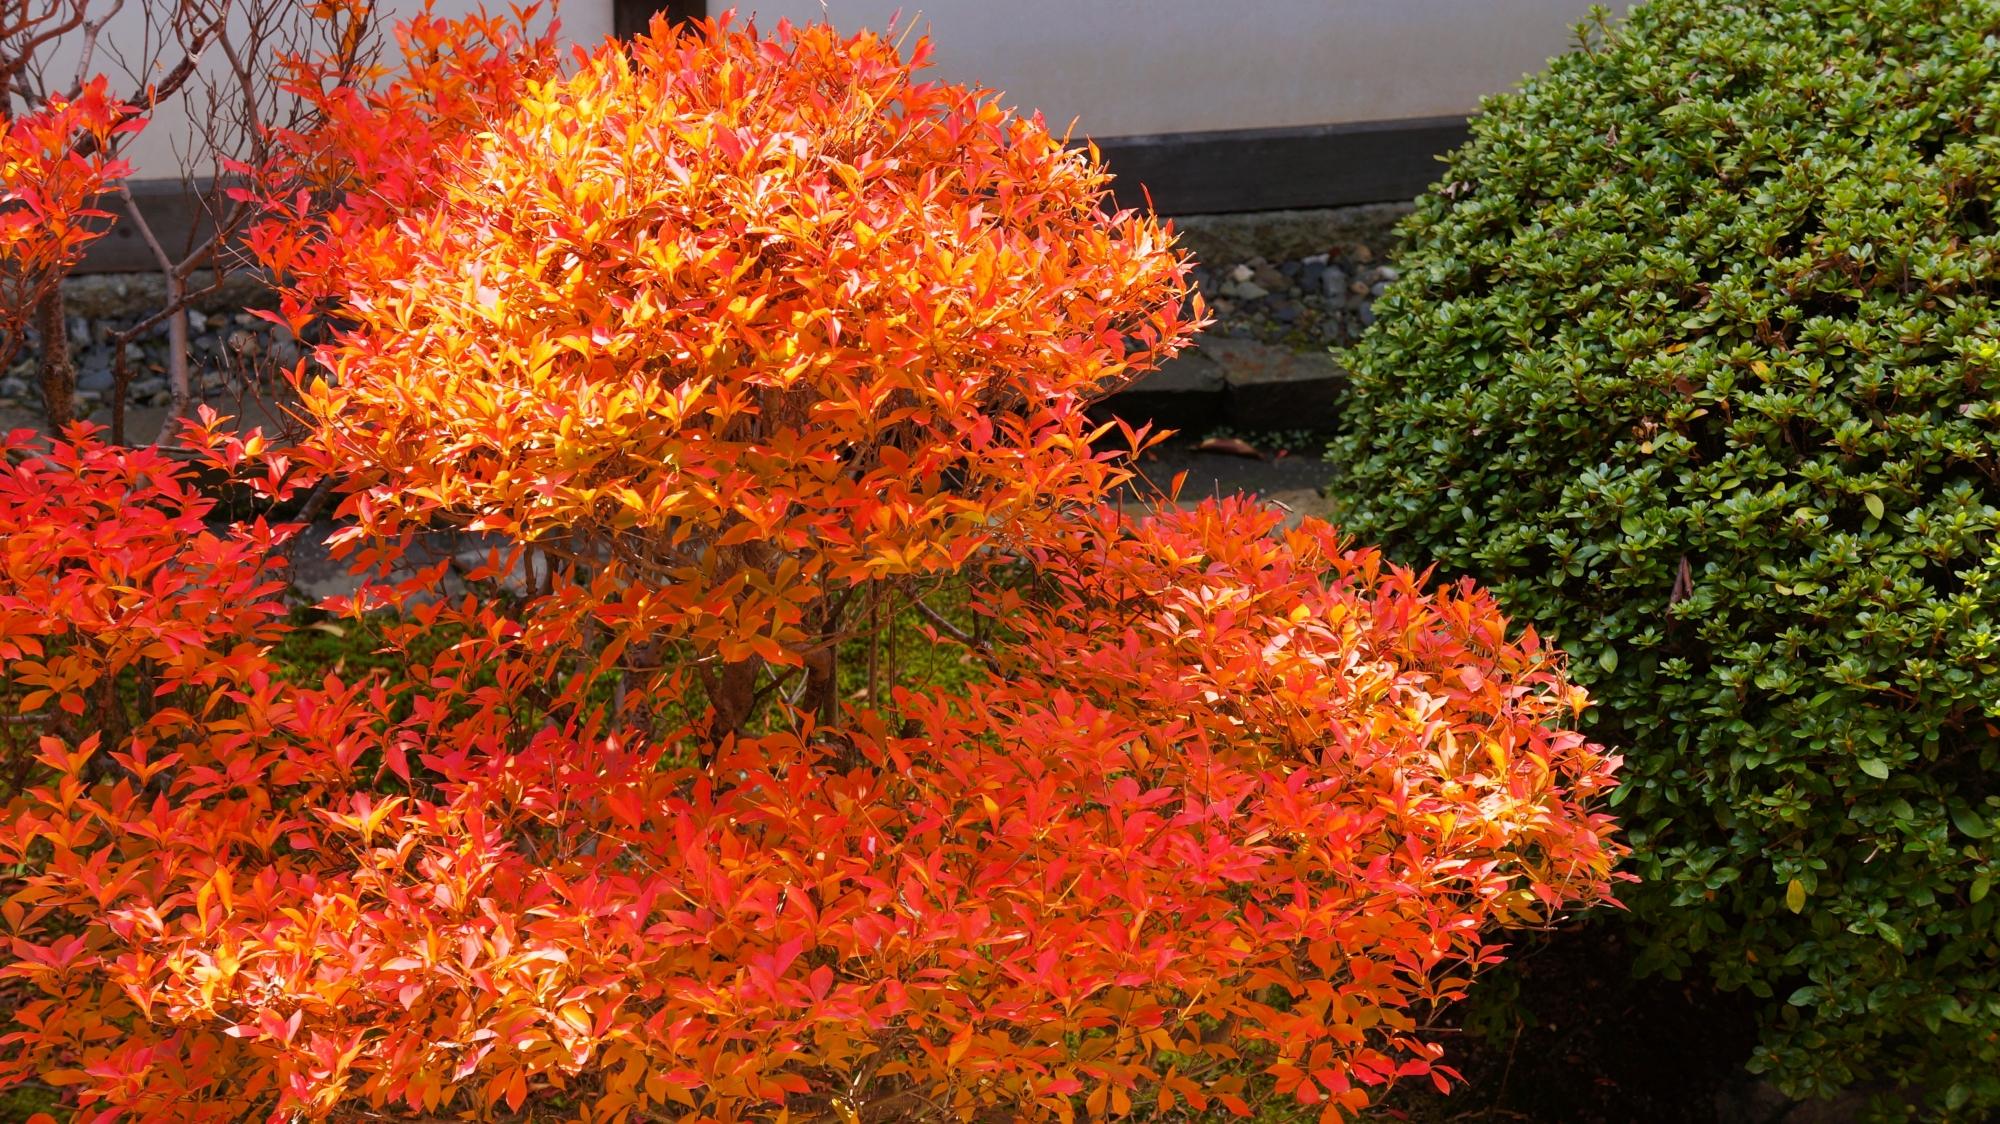 見事な発色の煌くオレンジ色のツツジ